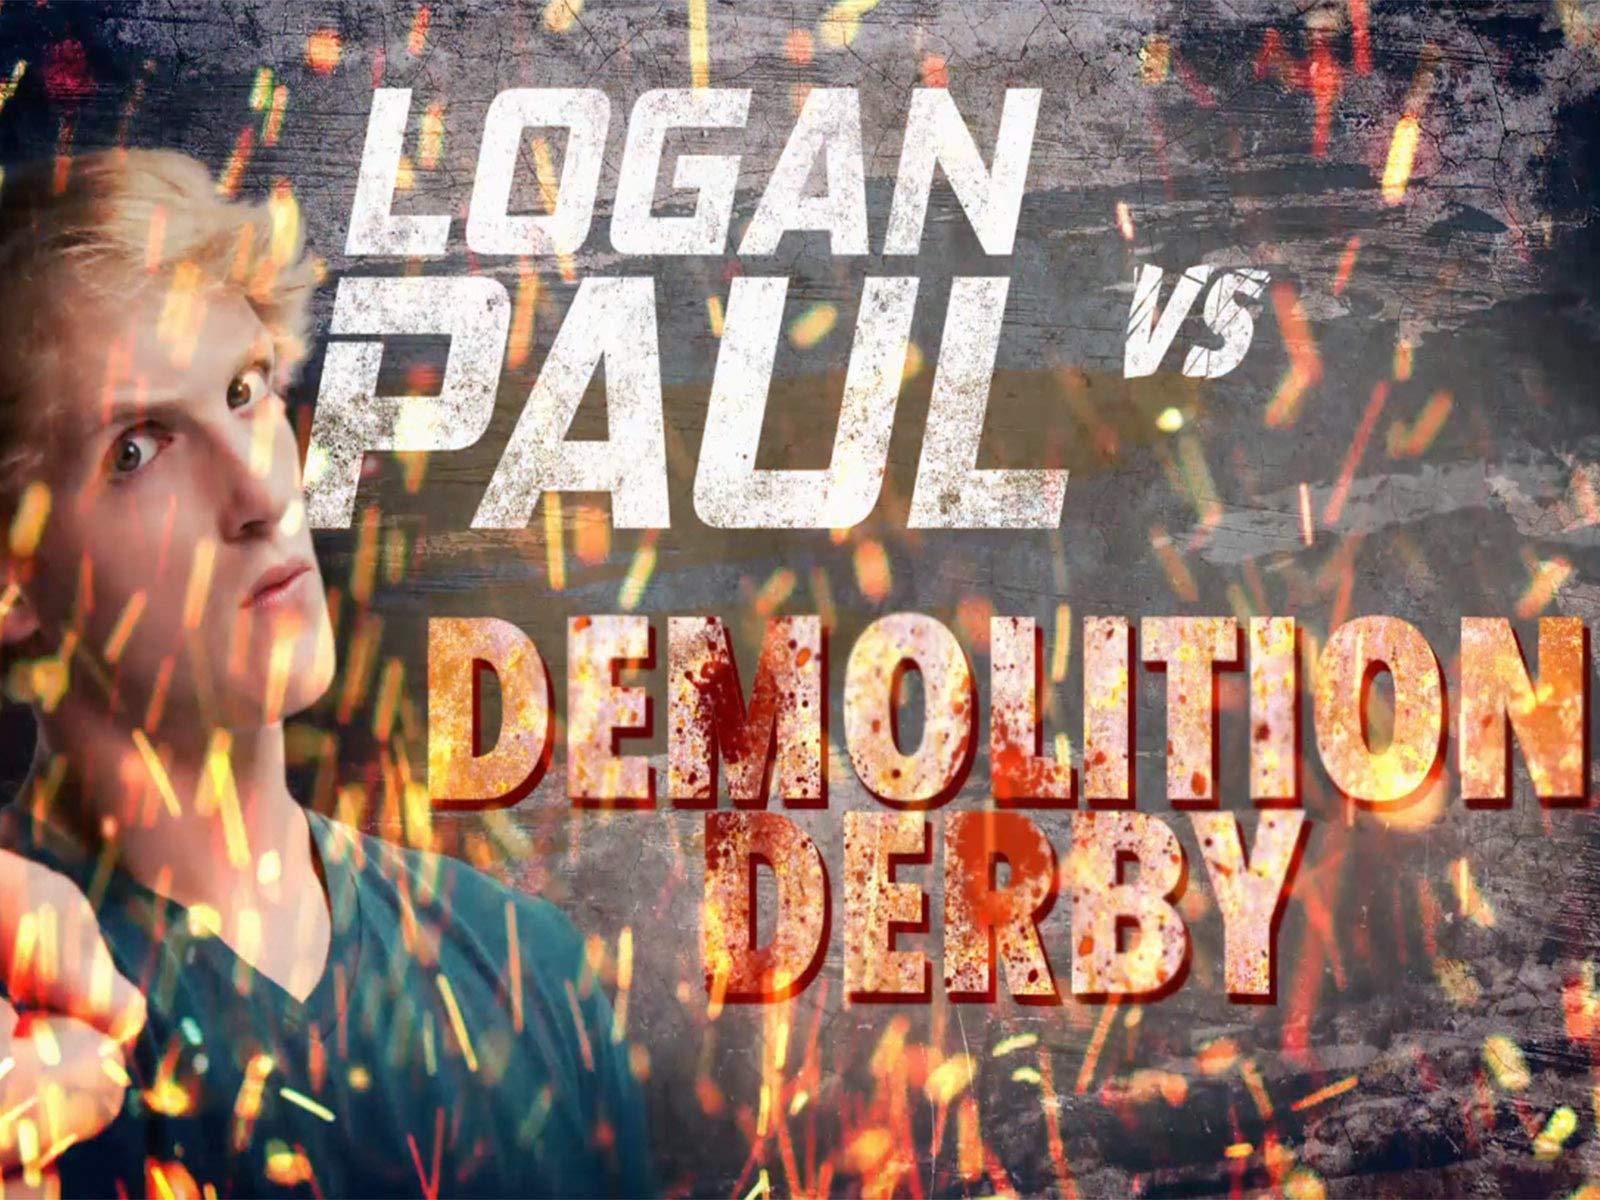 Amazon.com: Logan Paul Vs: Logan Paul, Bennet Silverman ...